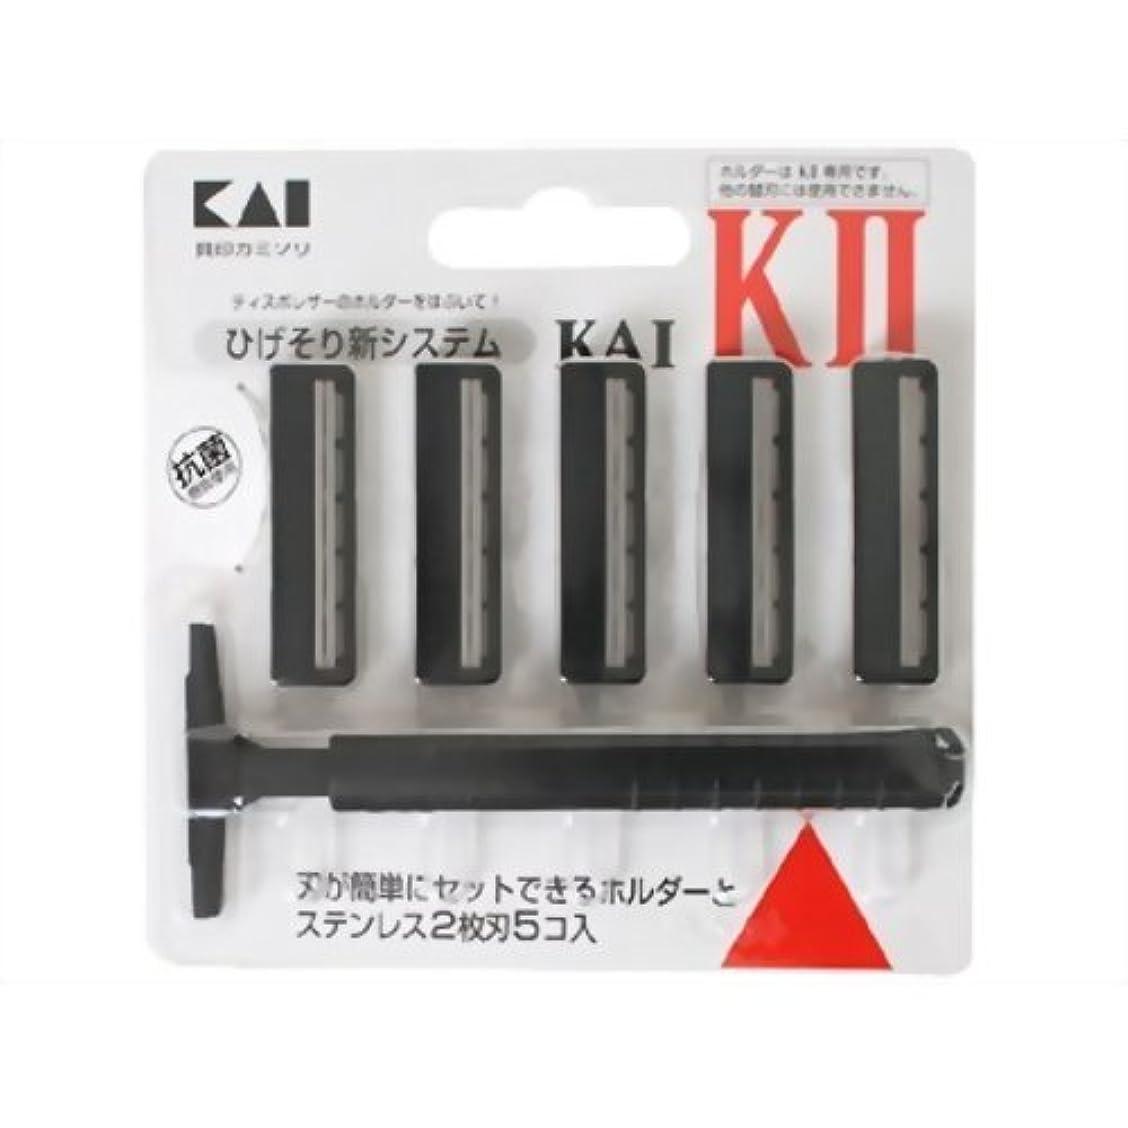 カミソリ KAI-K2 K2-5 ×10個セット